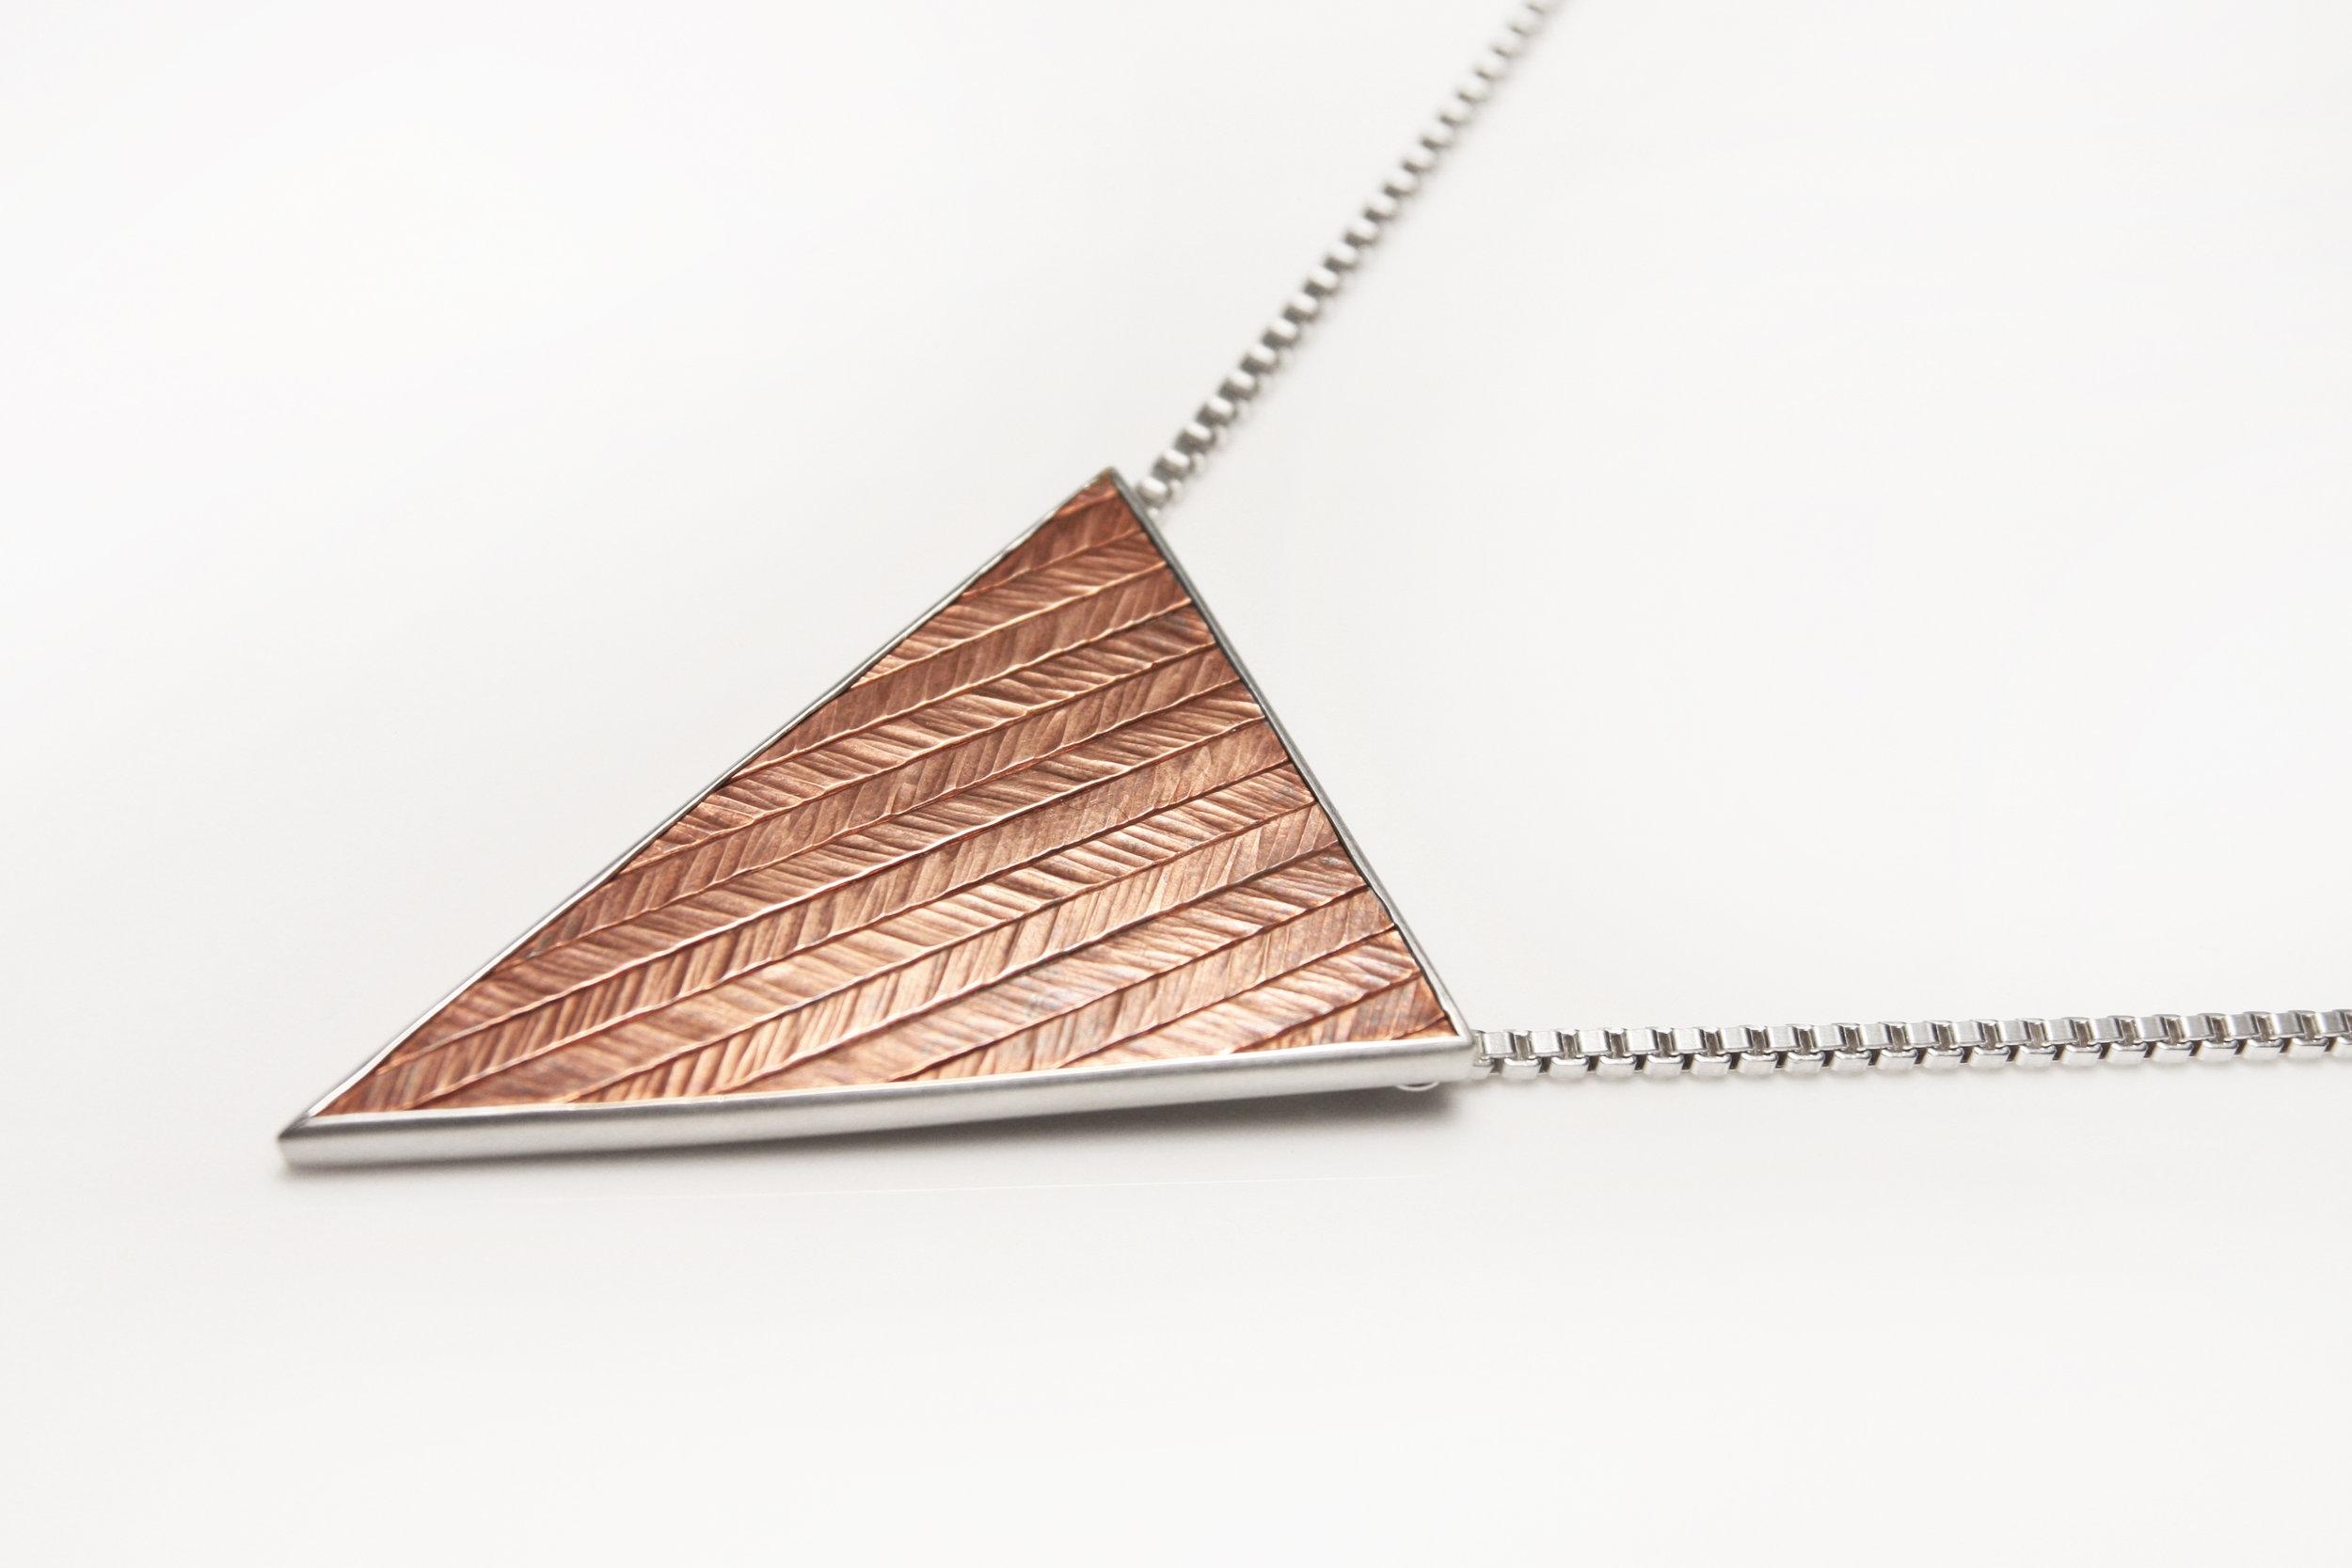 herringbone_triangle_large_1_light.jpg